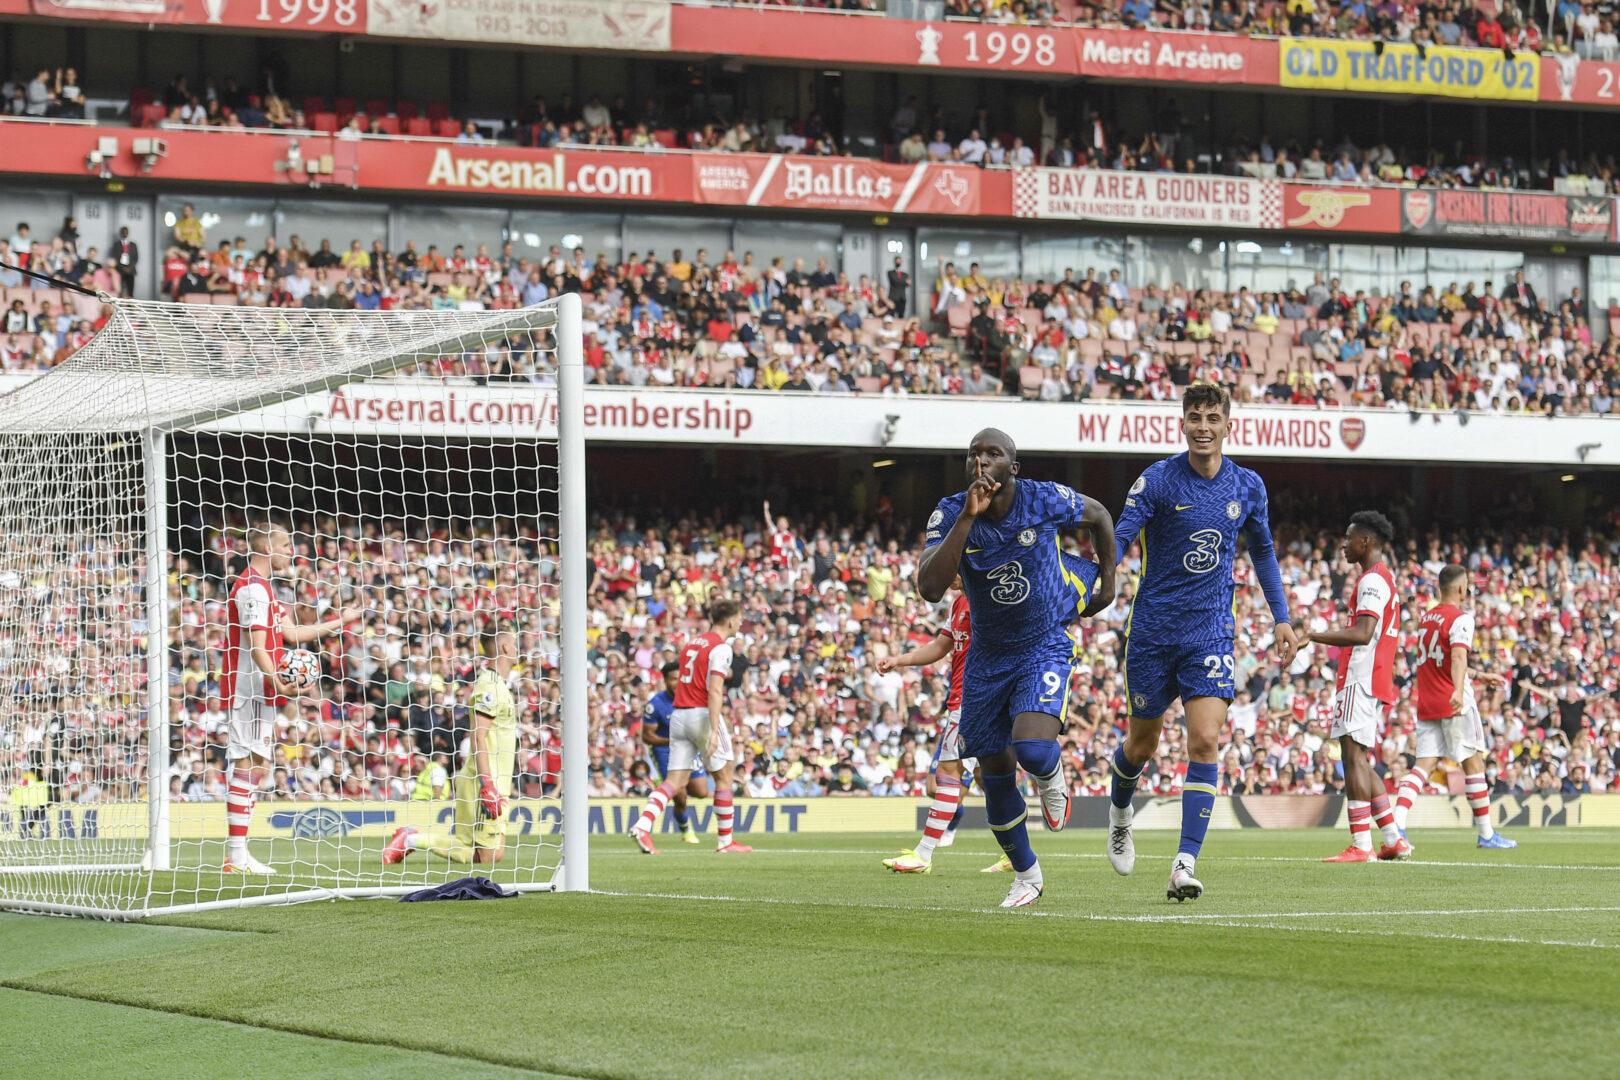 Romelu Lukaku feiert das 1:0 gegen den FC Arsenal.